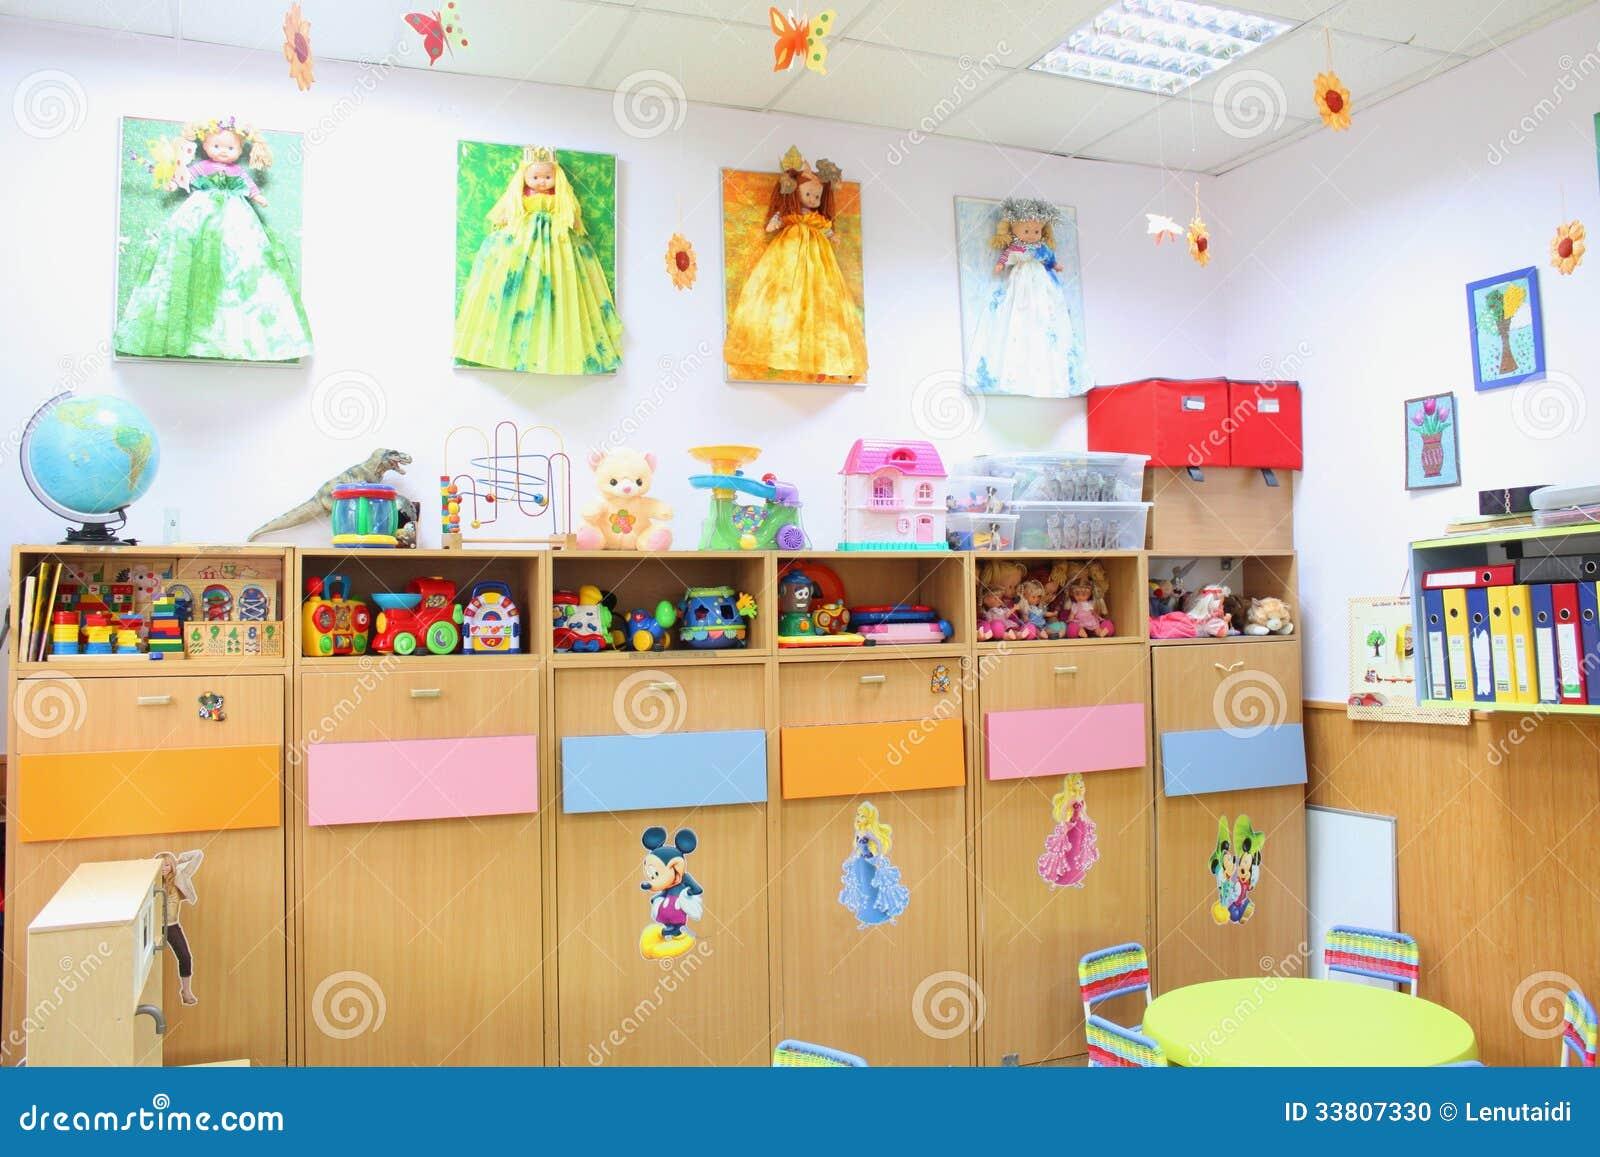 imagens para jardim de infância:Sala De Aula Do Jardim De Infância Imagem Editorial – Imagem